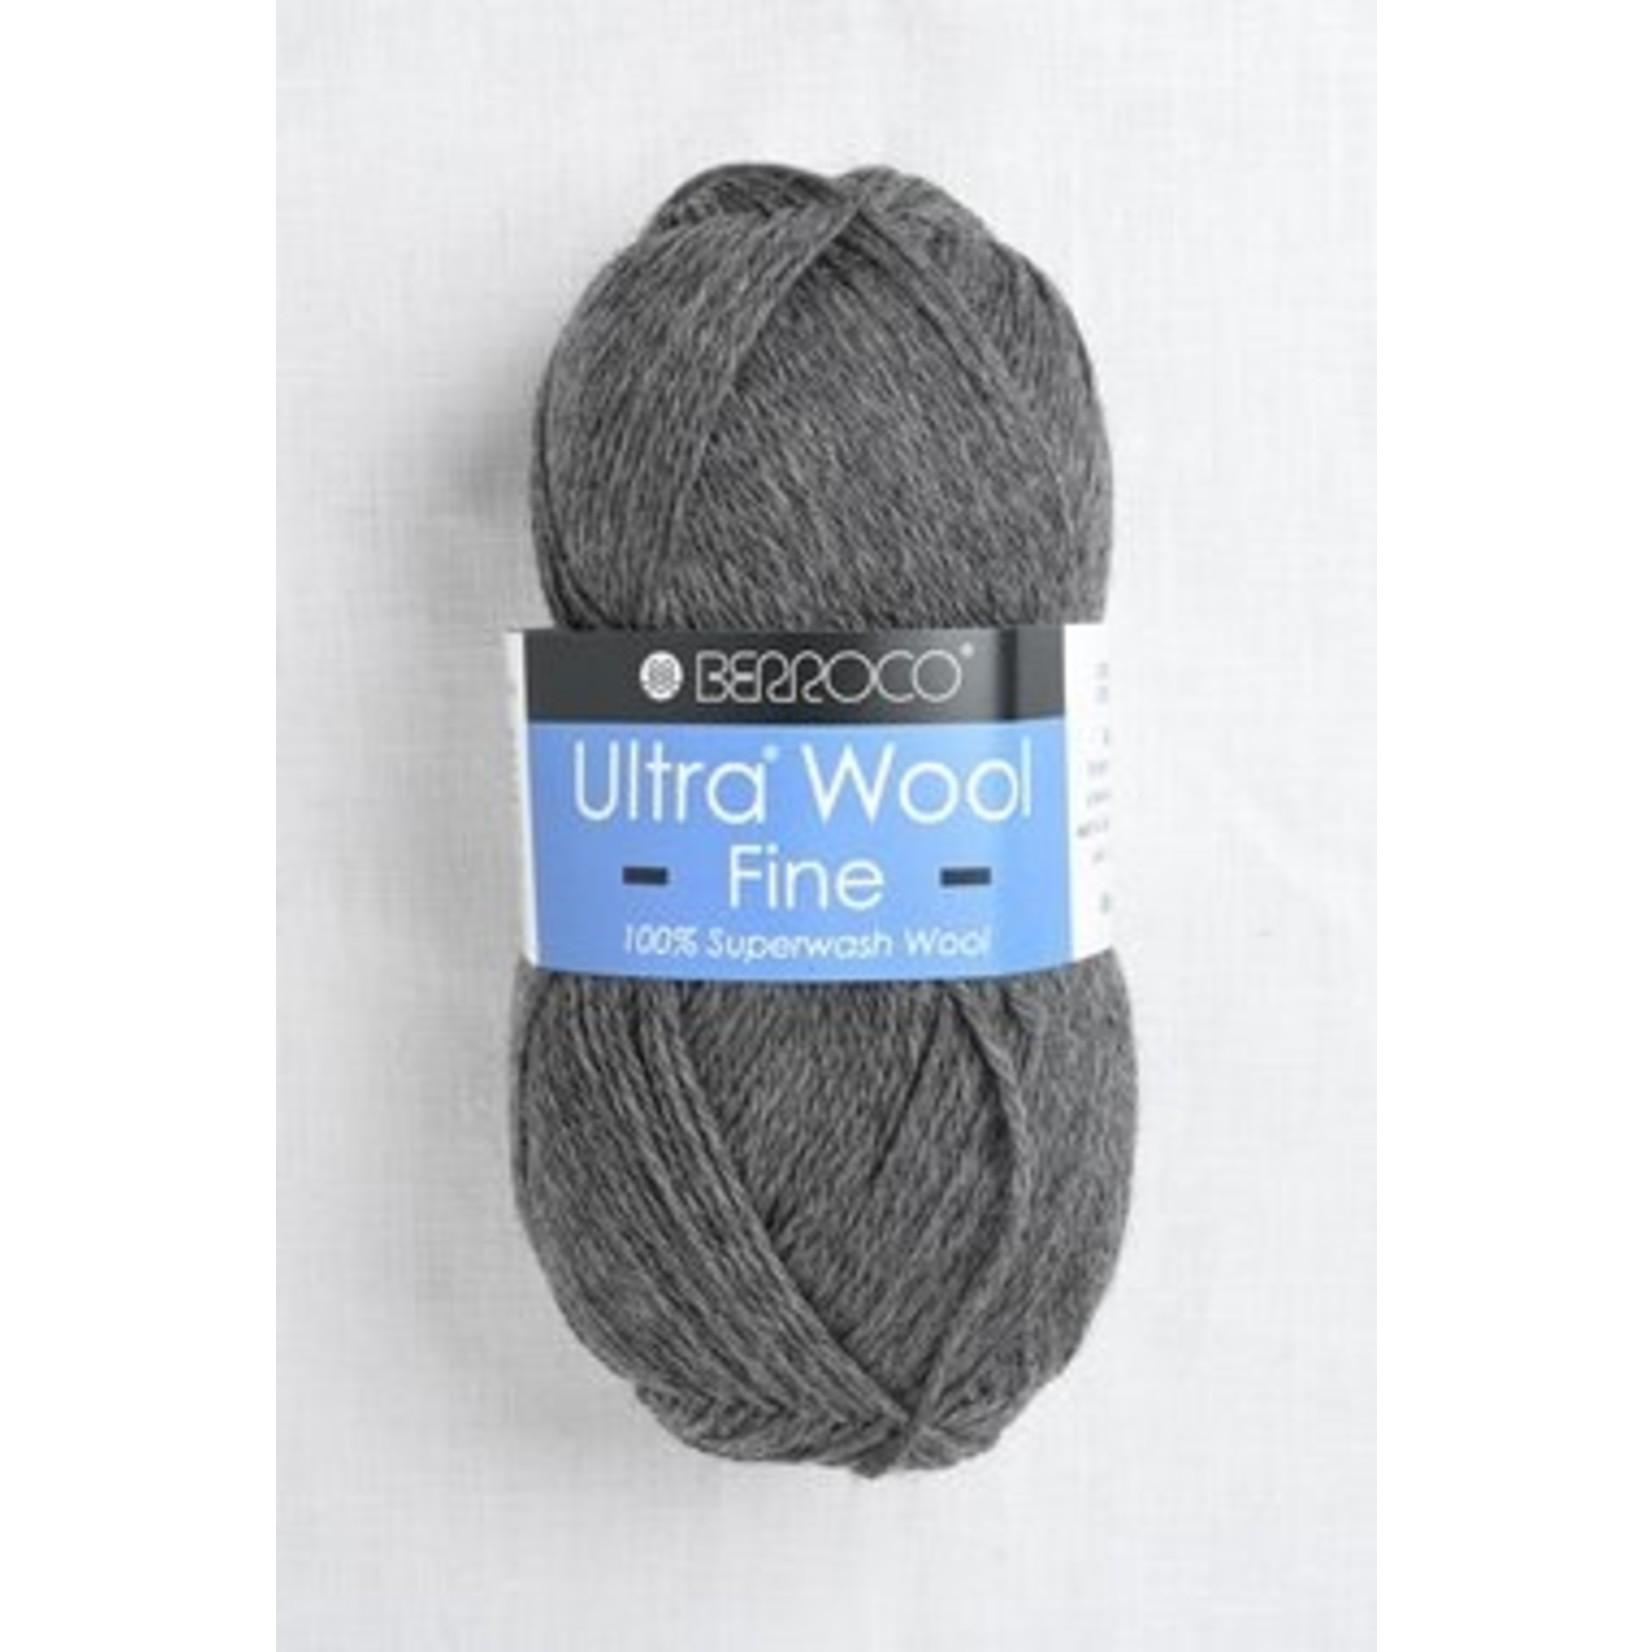 Berroco Berroco Ultra Wool Fine, 53170, Granite